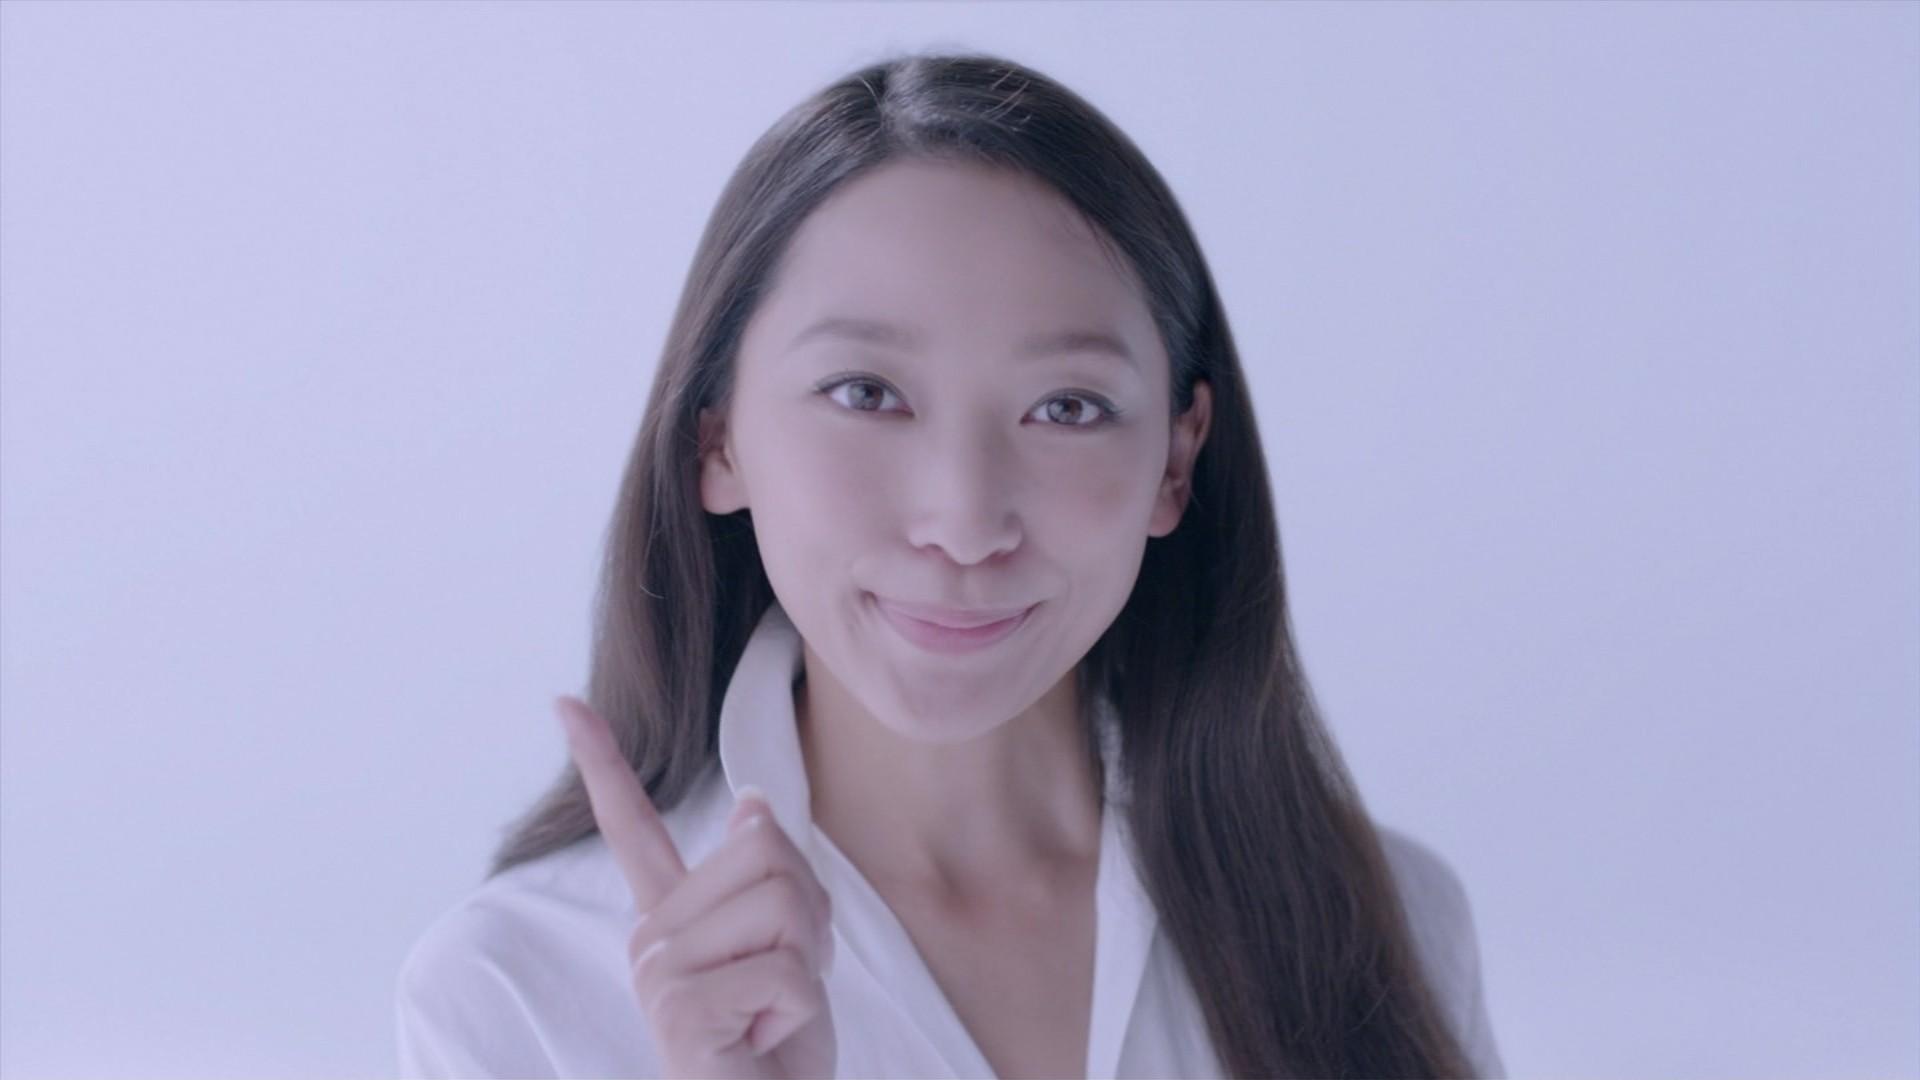 杏 (ファッションモデル)の画像 p1_35